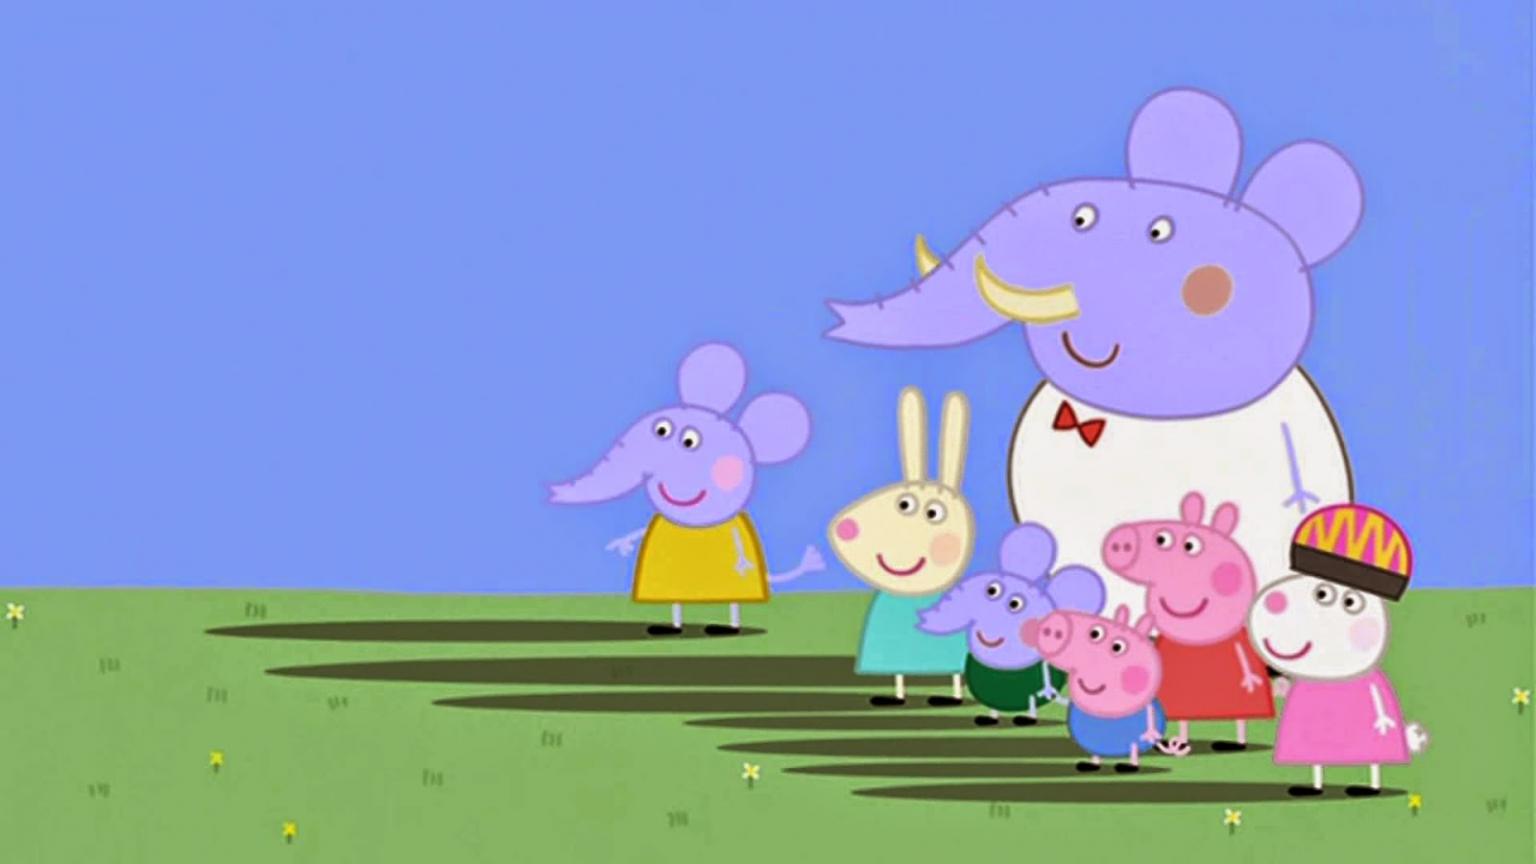 Free Download Peppa Pig Tema Festa Pepa Pig Familia Peppa Pig